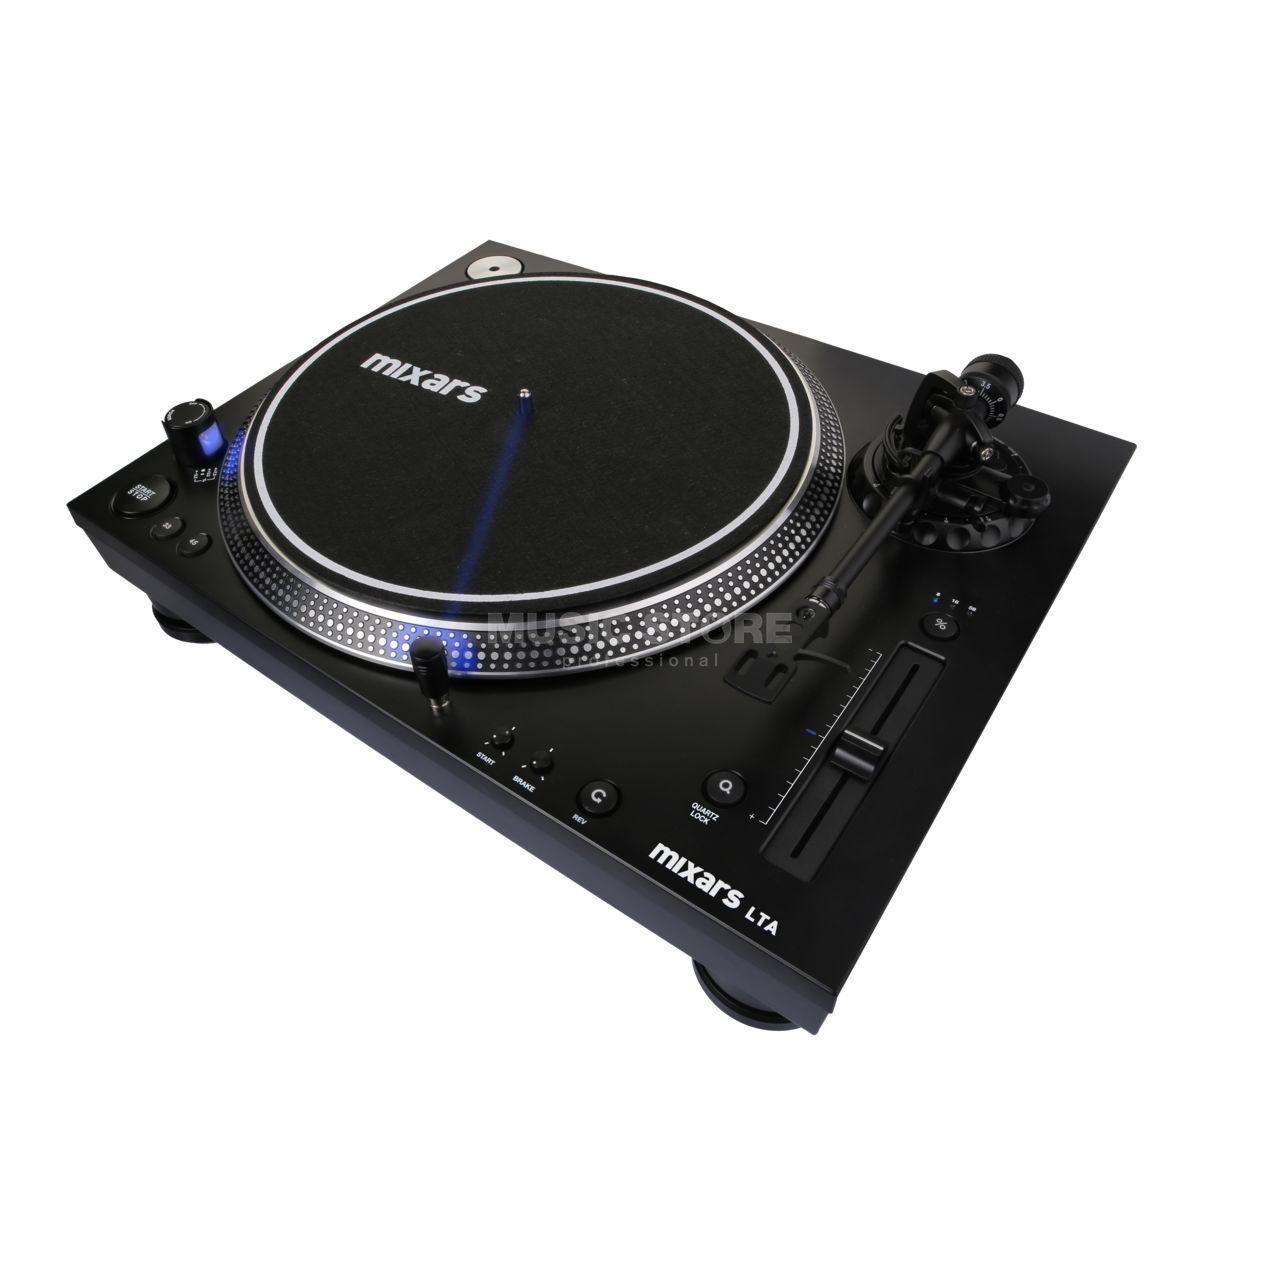 Mixars LTA, High-Torque Scratch Plattenspieler mit geradem Tonarm und Direktantrieb für Turntablism [Musikinstrumente]